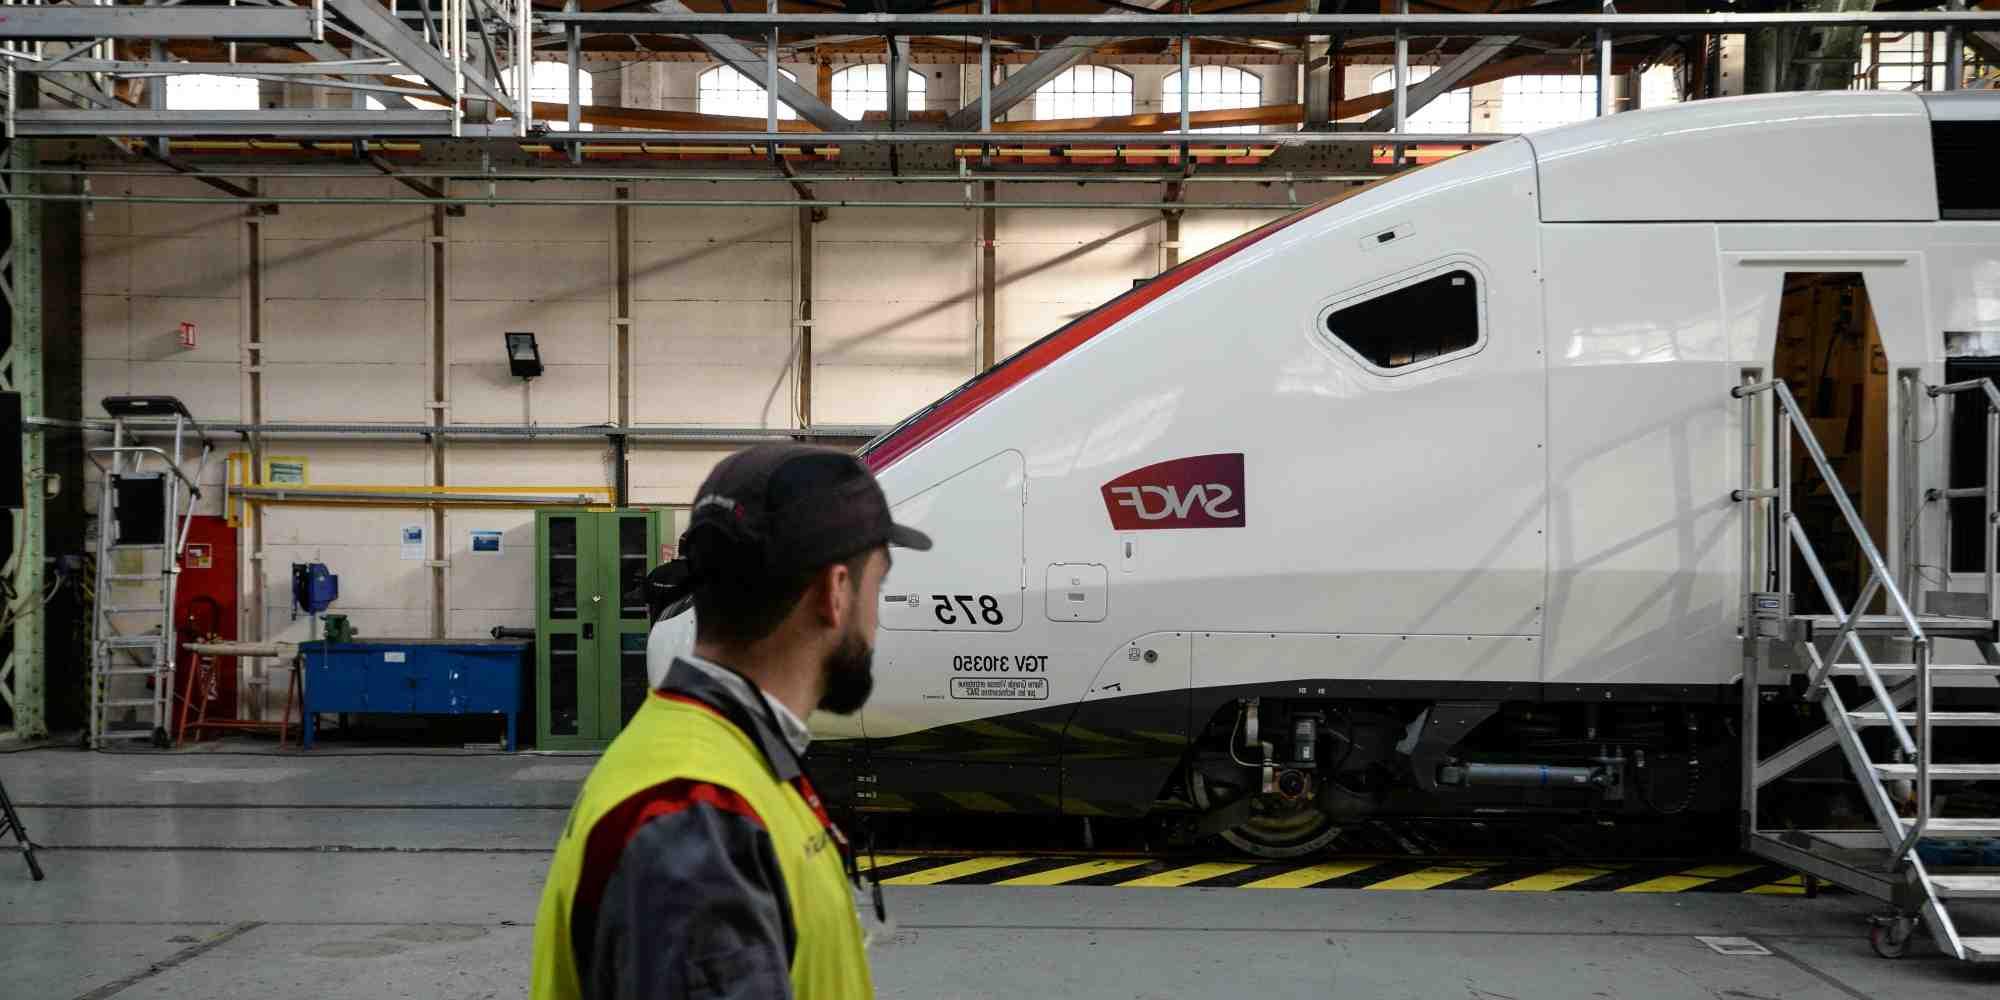 Qu'est-ce qu'une liaison ferroviaire?